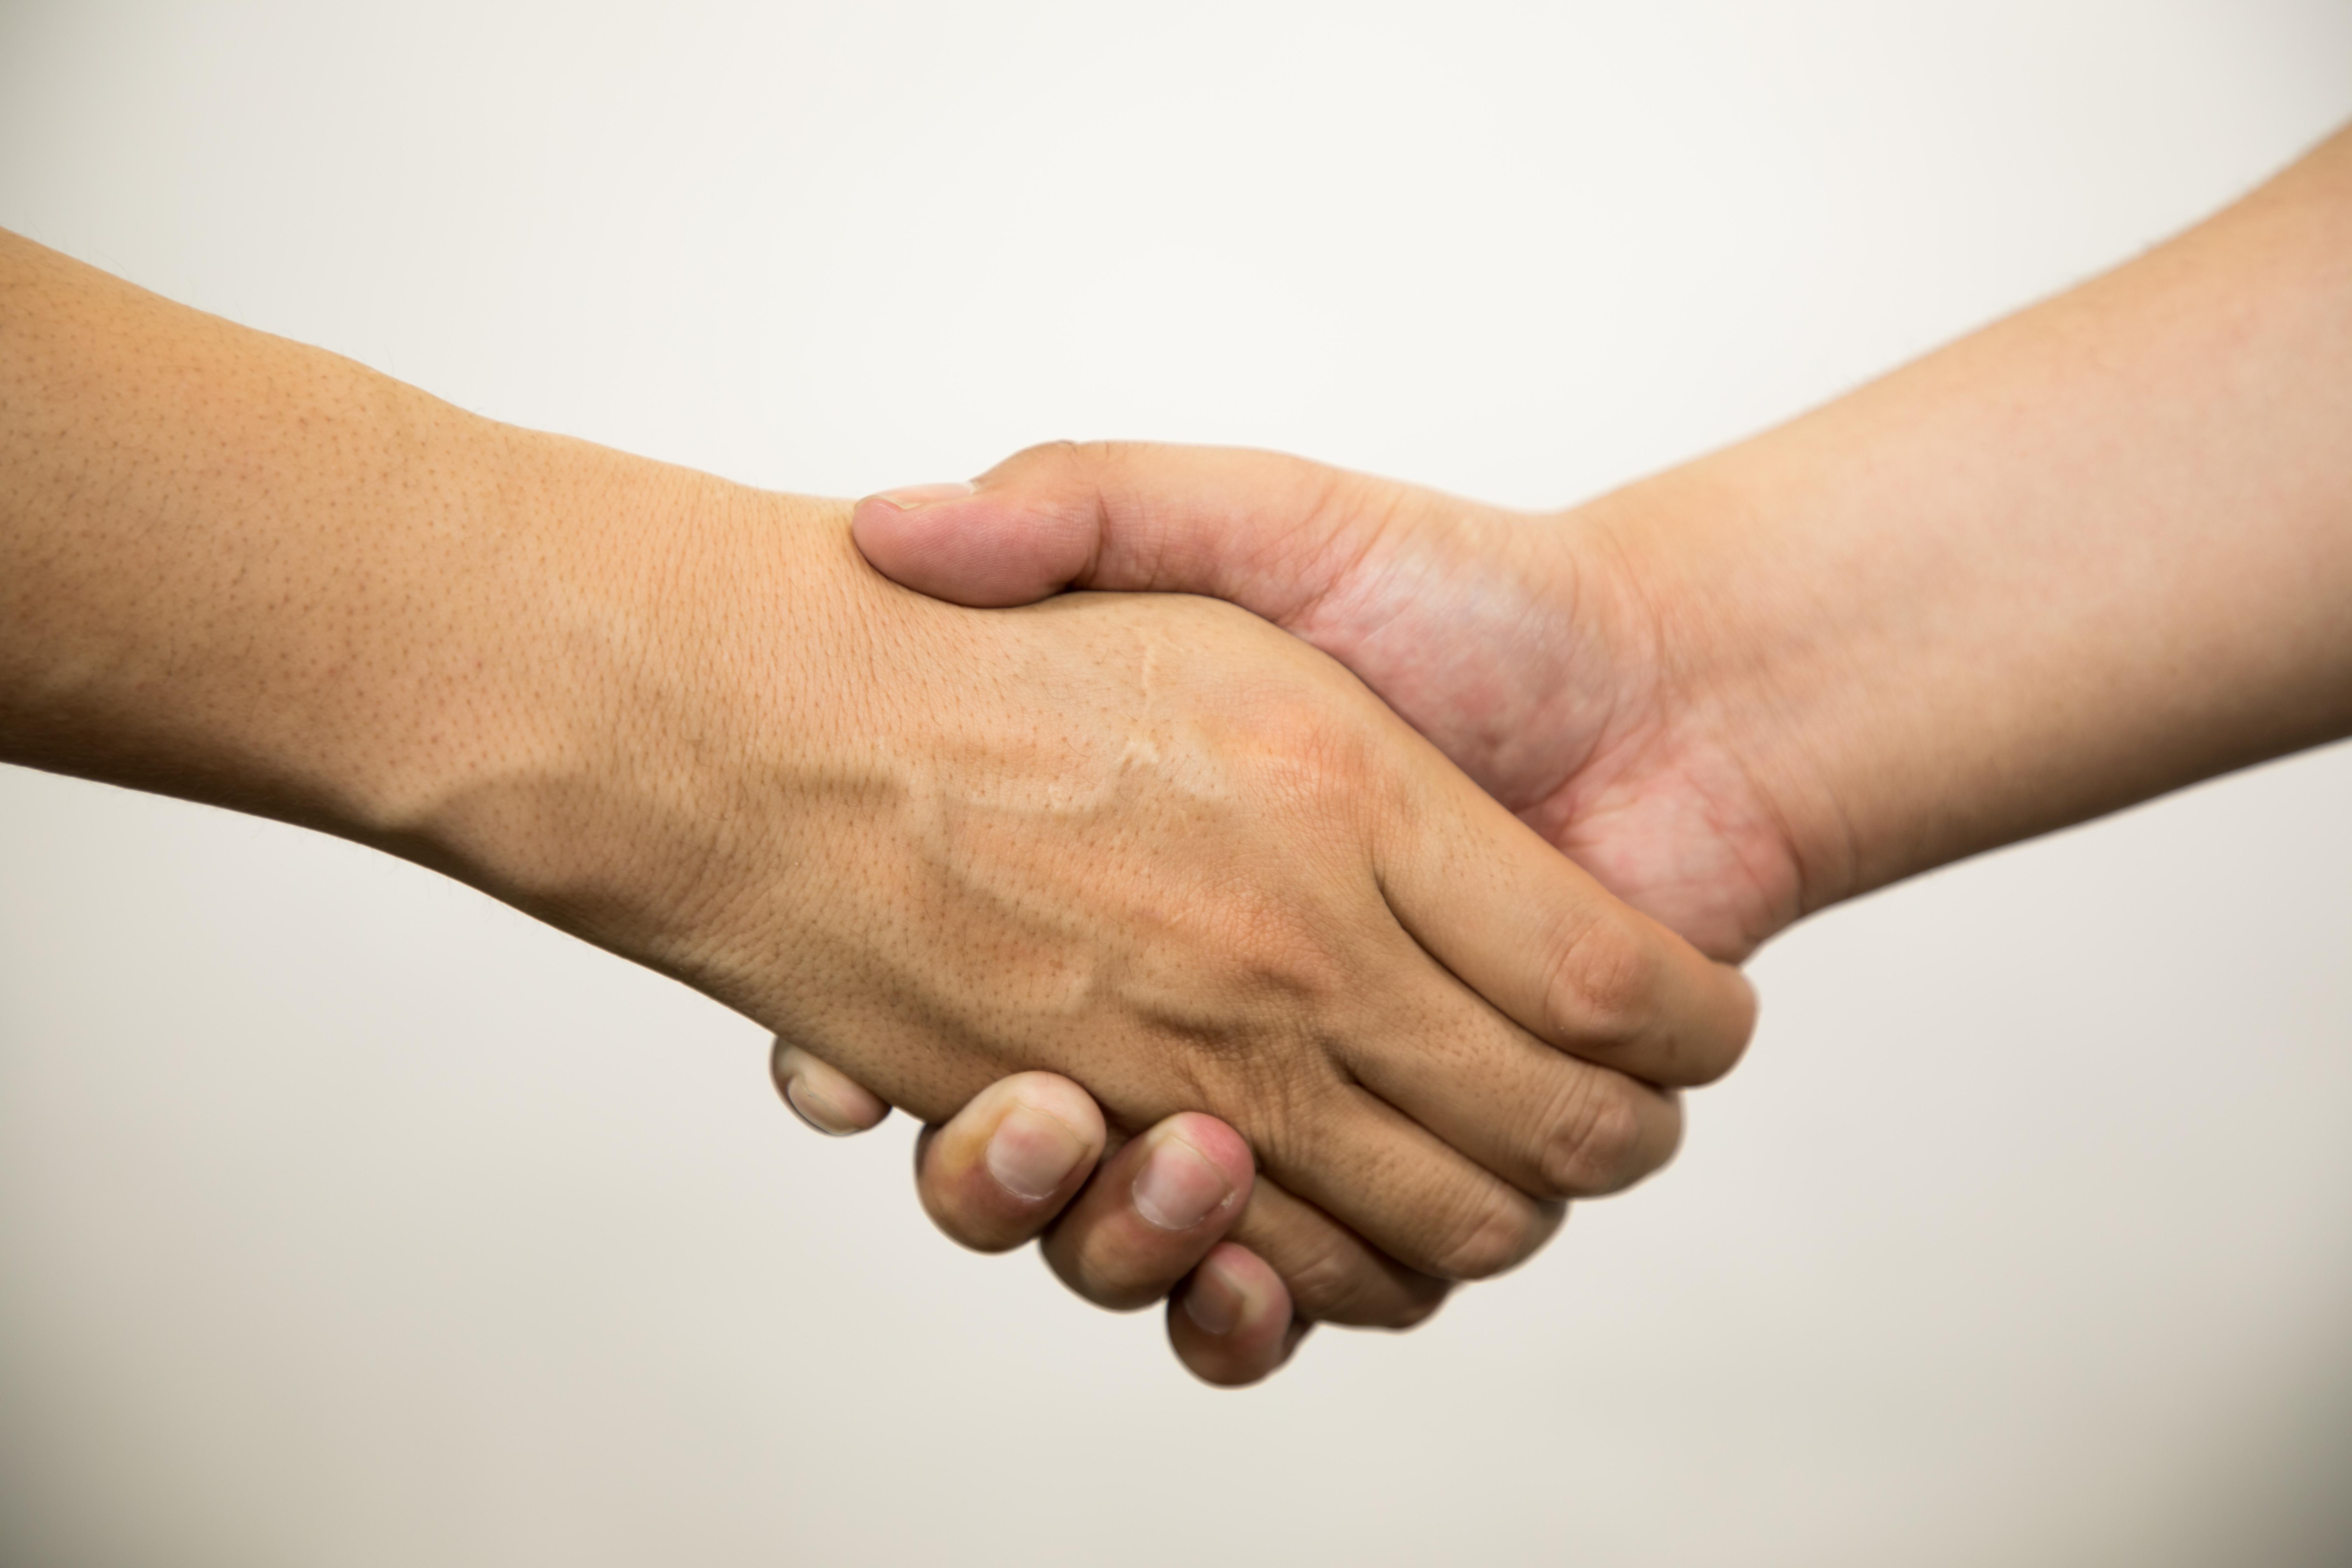 握手をして招待する